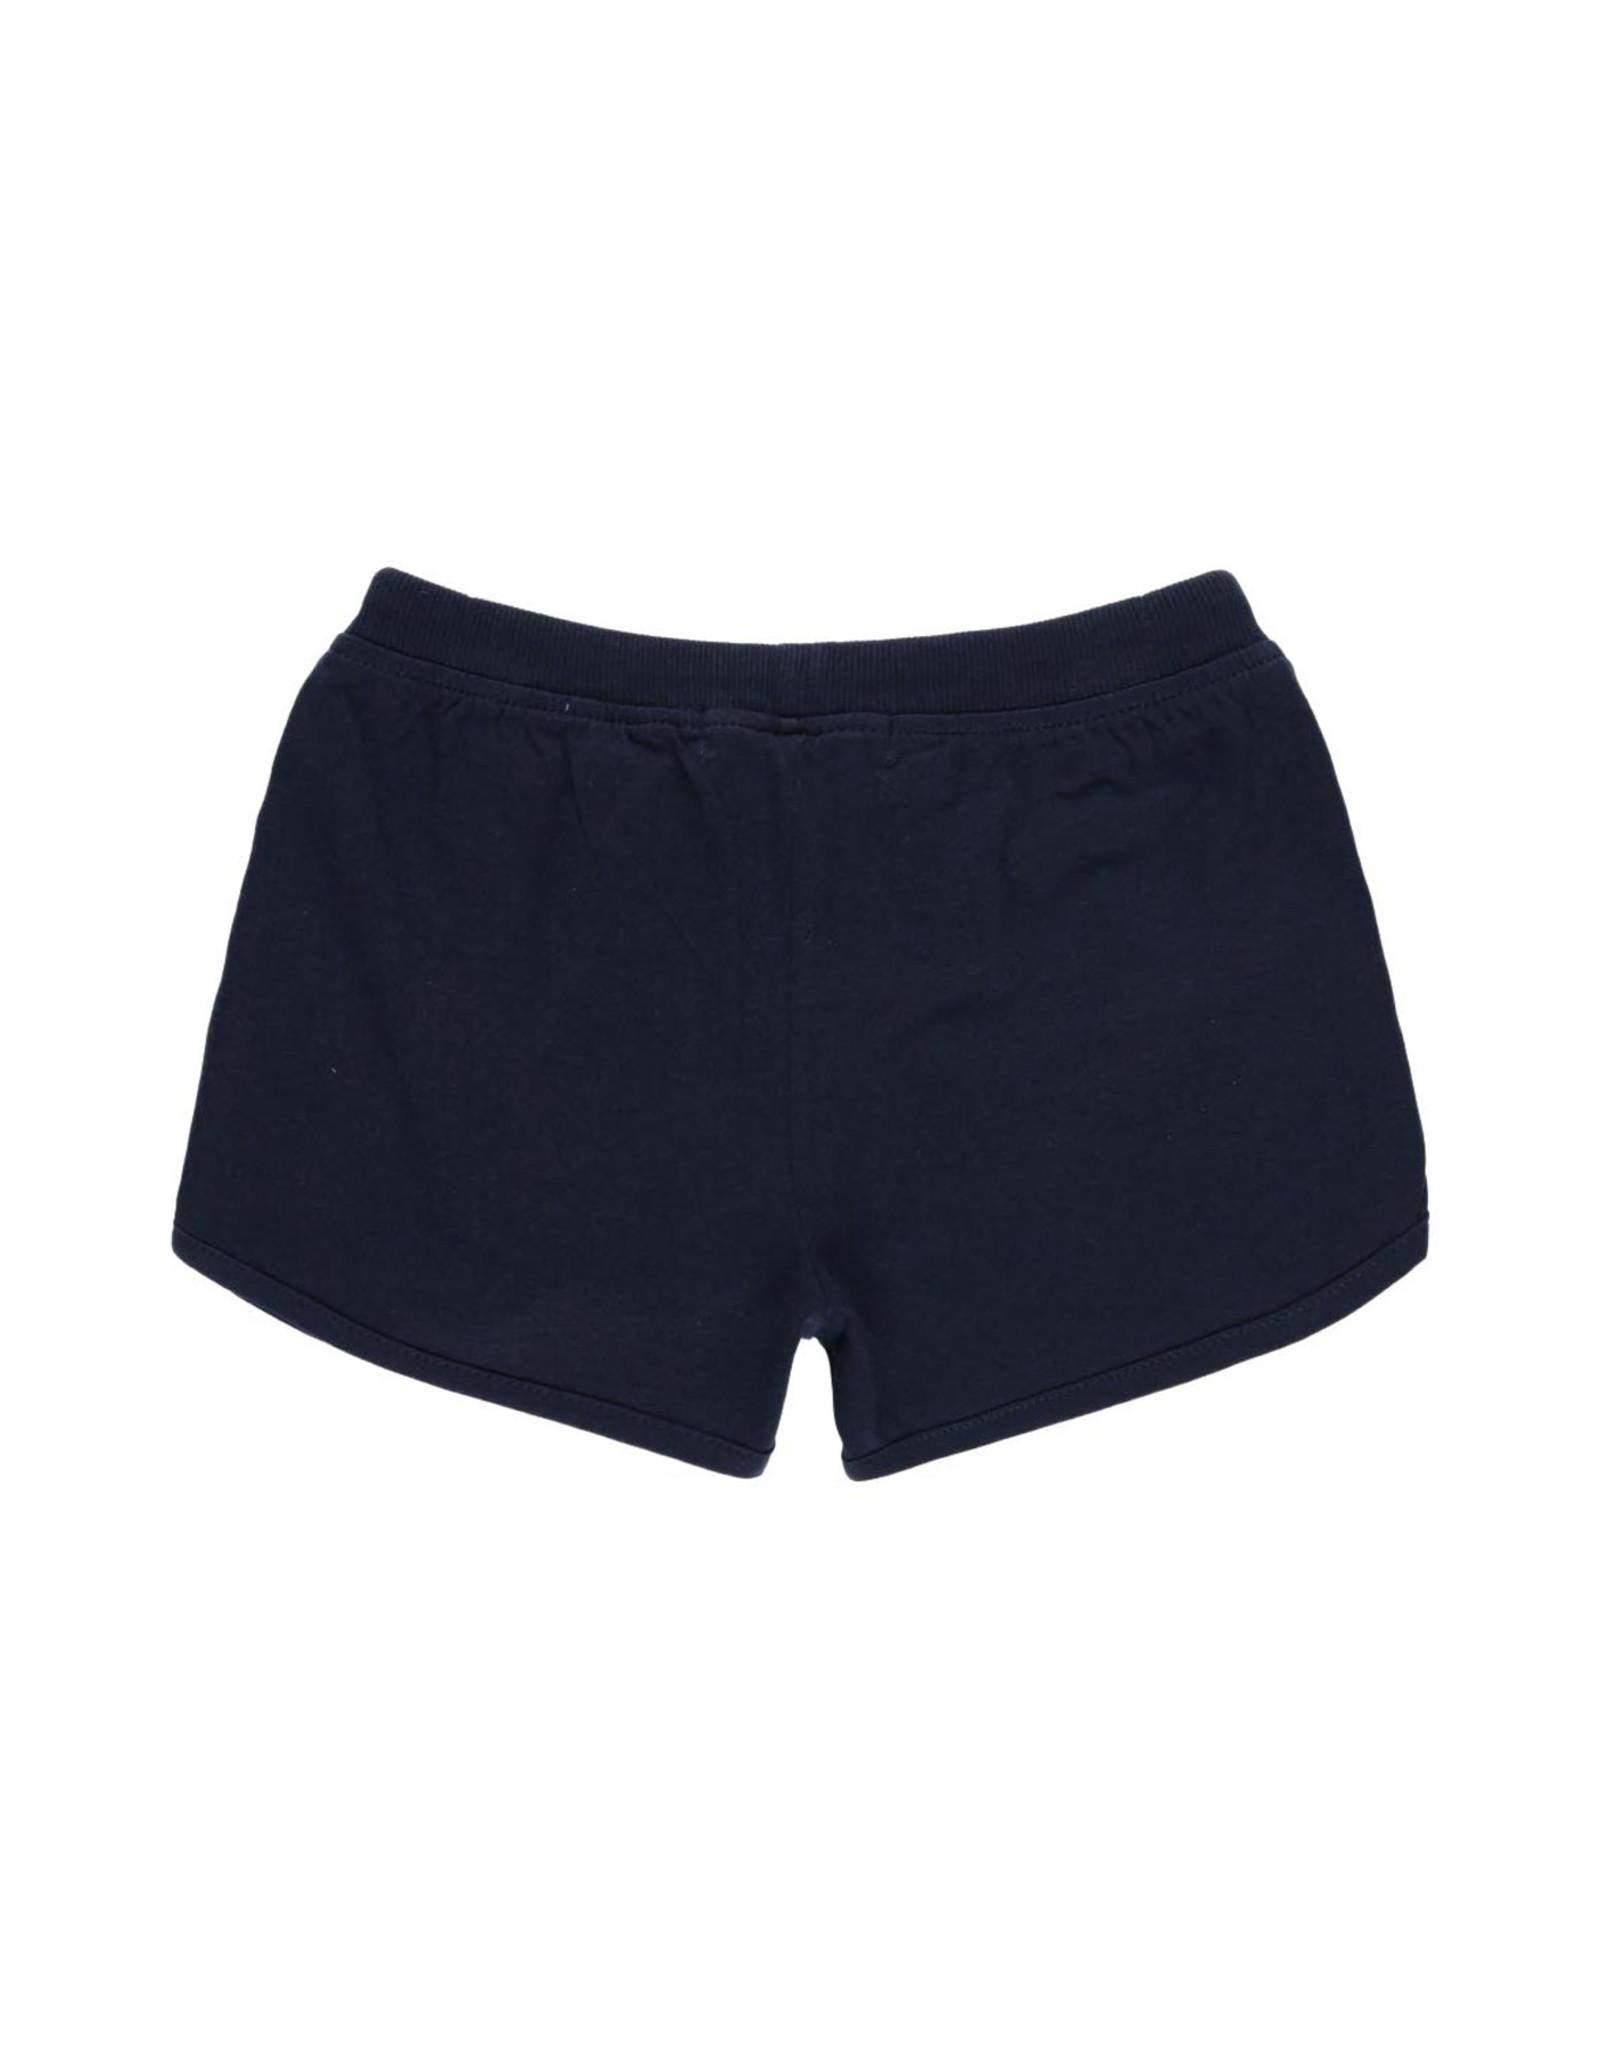 Boboli Knit Shorts, Navy